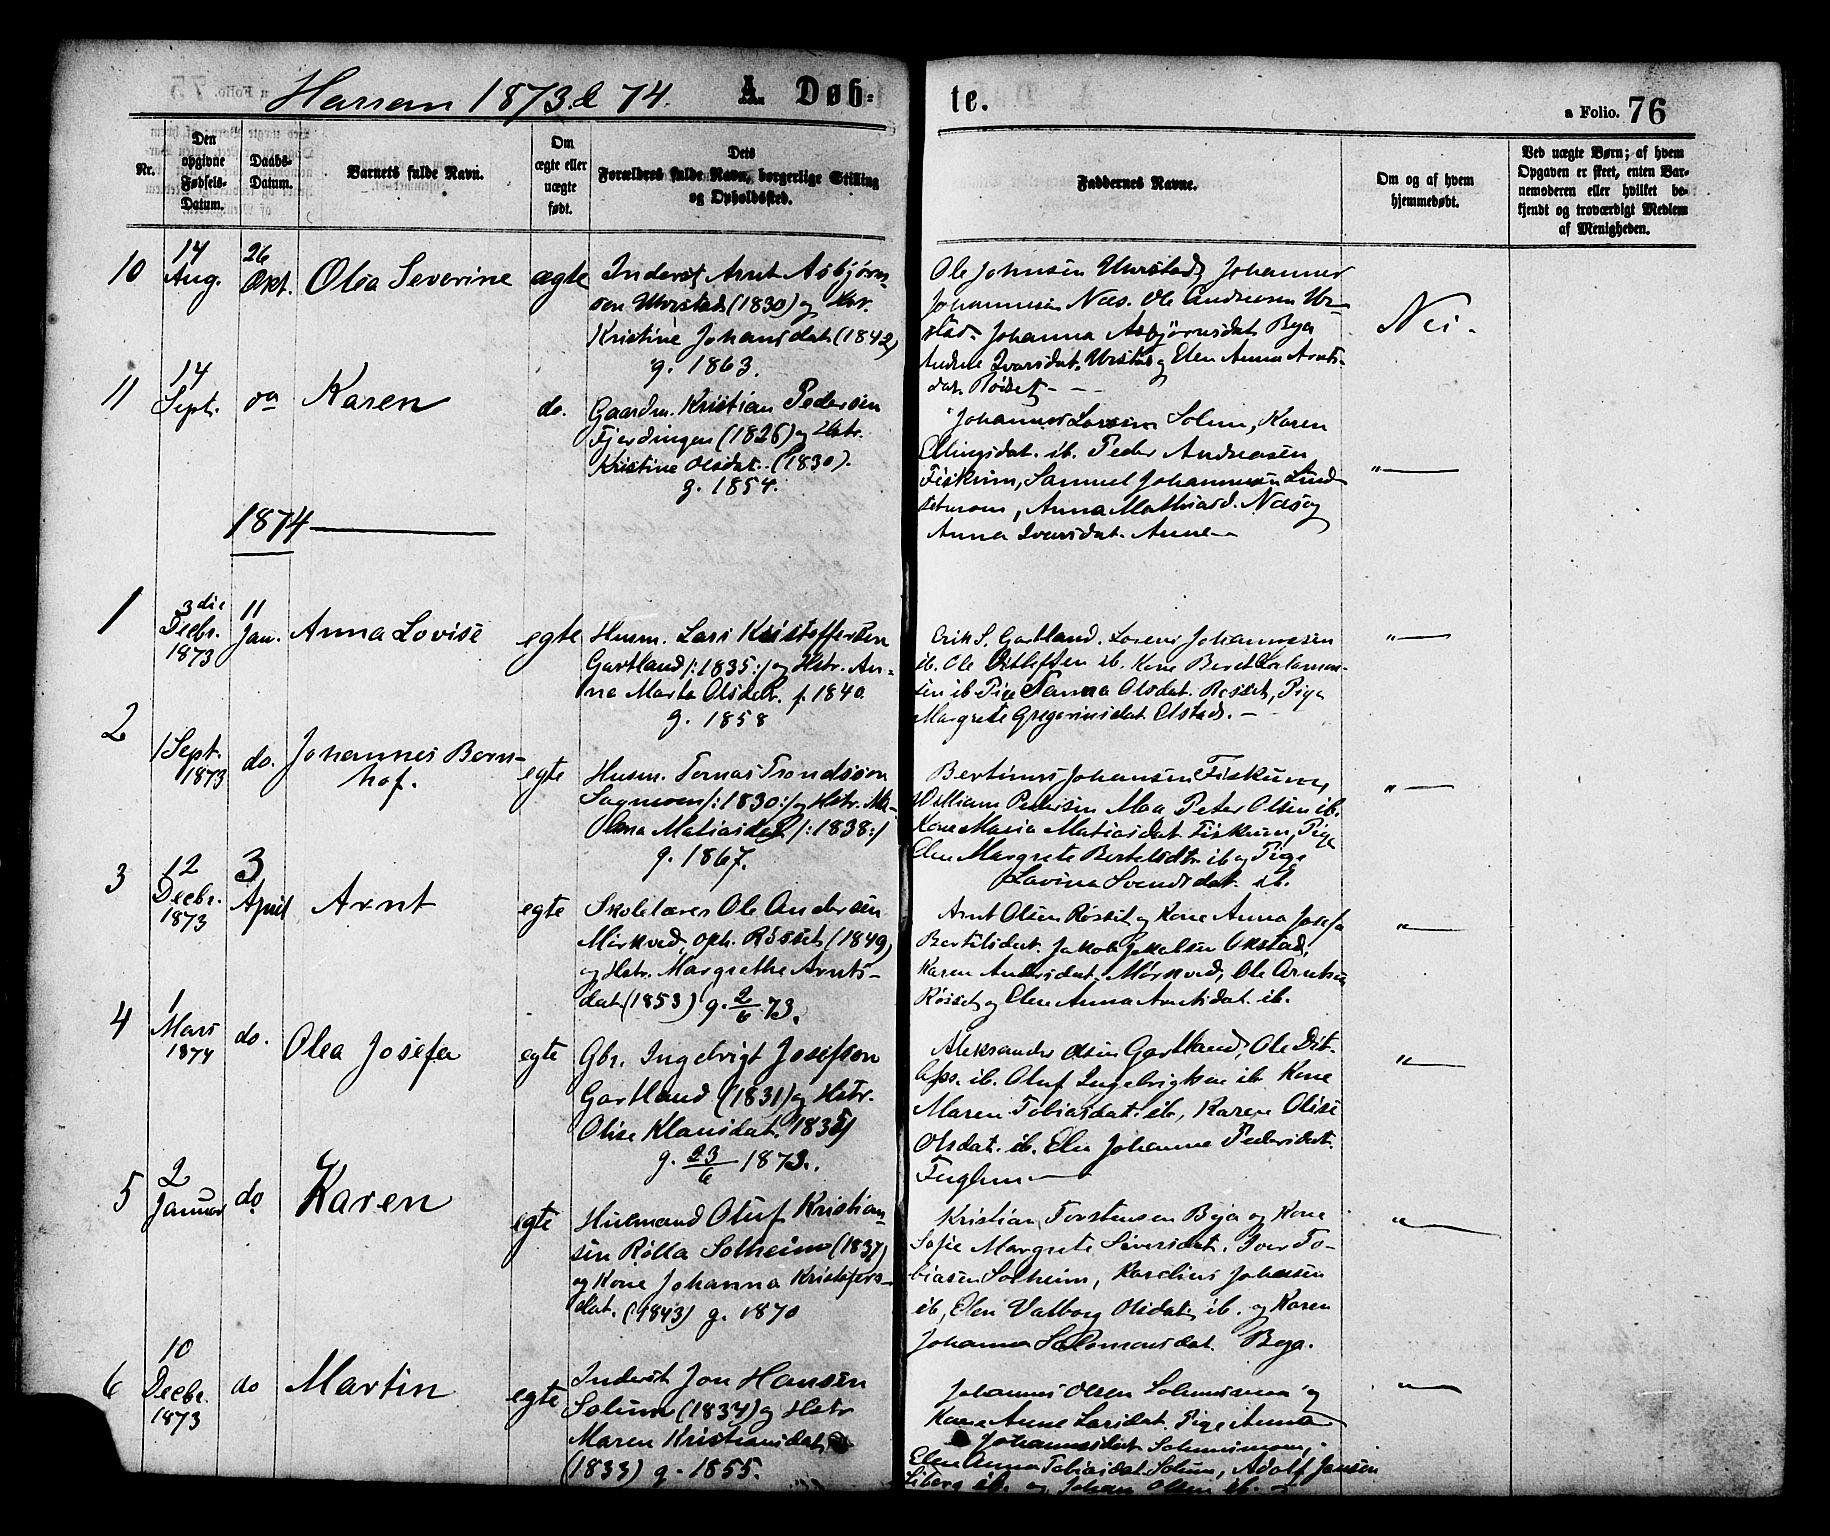 SAT, Ministerialprotokoller, klokkerbøker og fødselsregistre - Nord-Trøndelag, 758/L0516: Ministerialbok nr. 758A03 /3, 1869-1879, s. 76